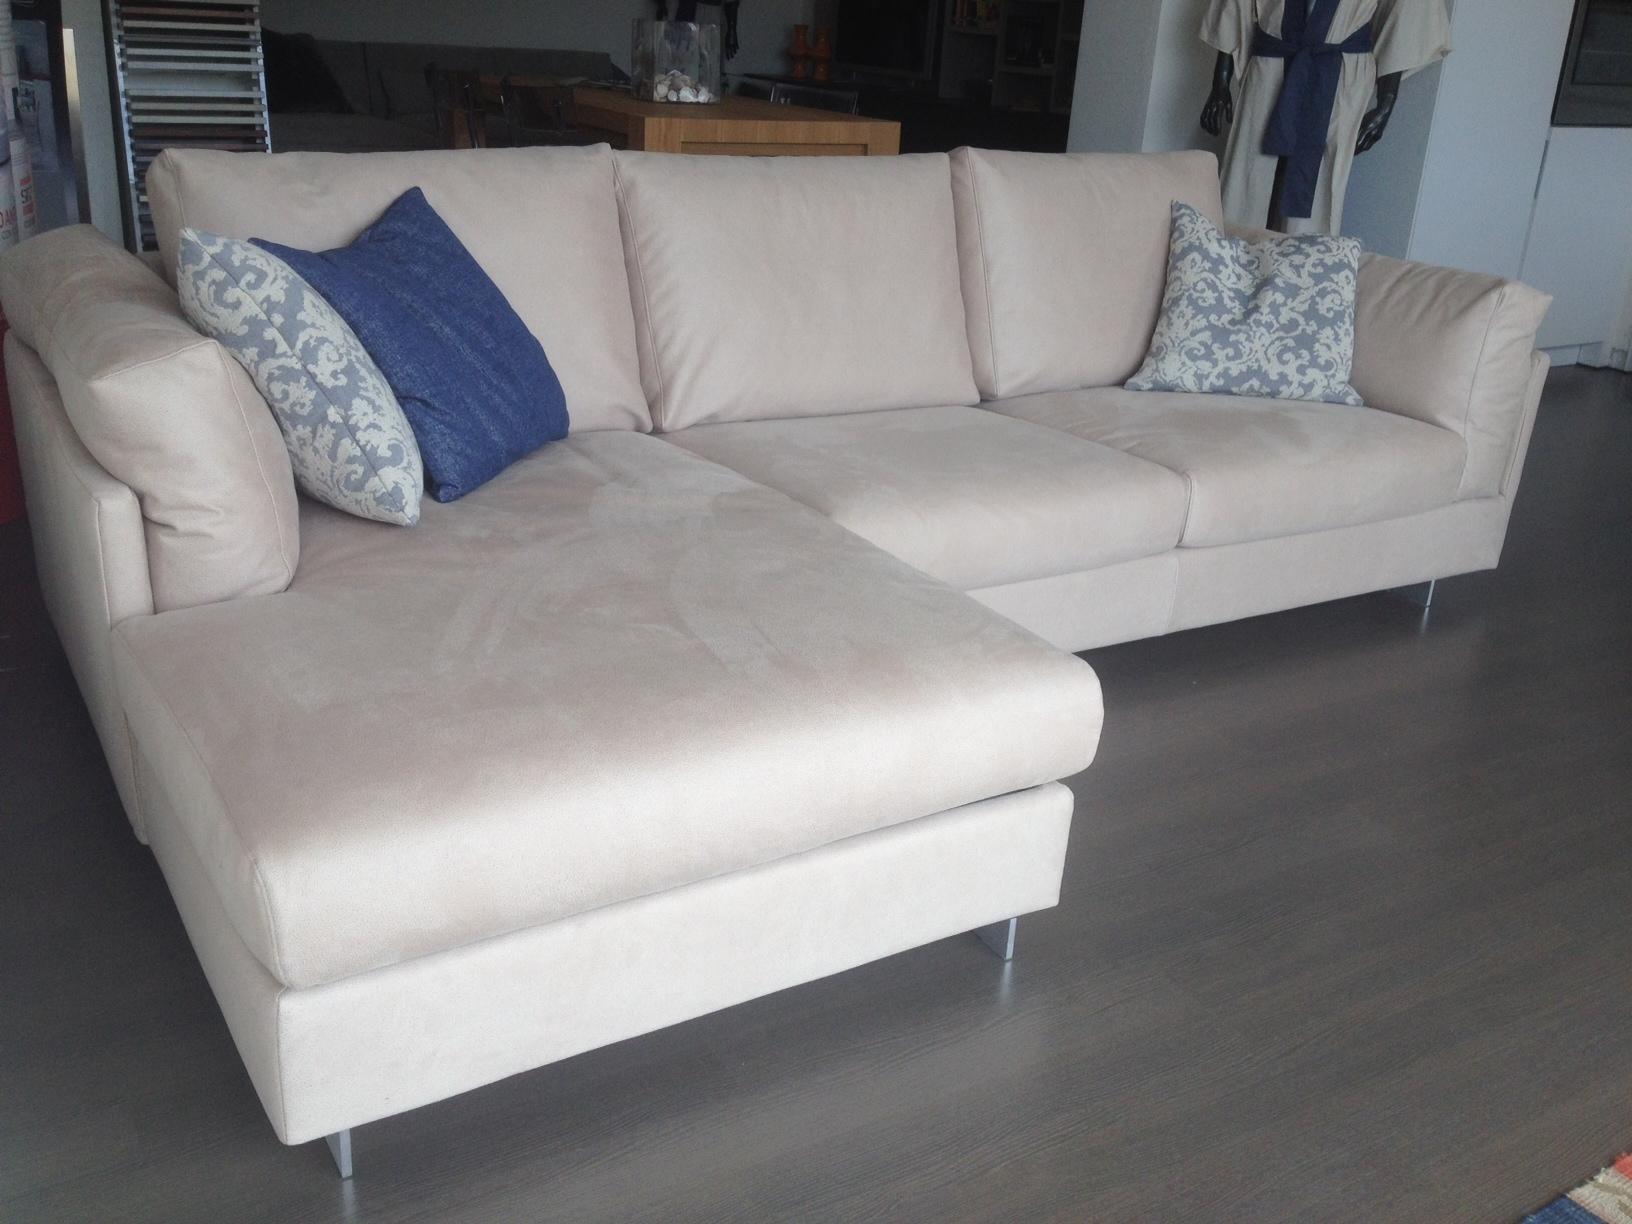 ... 40 % divano con penisola biba salotti modello zeno plus divano biba